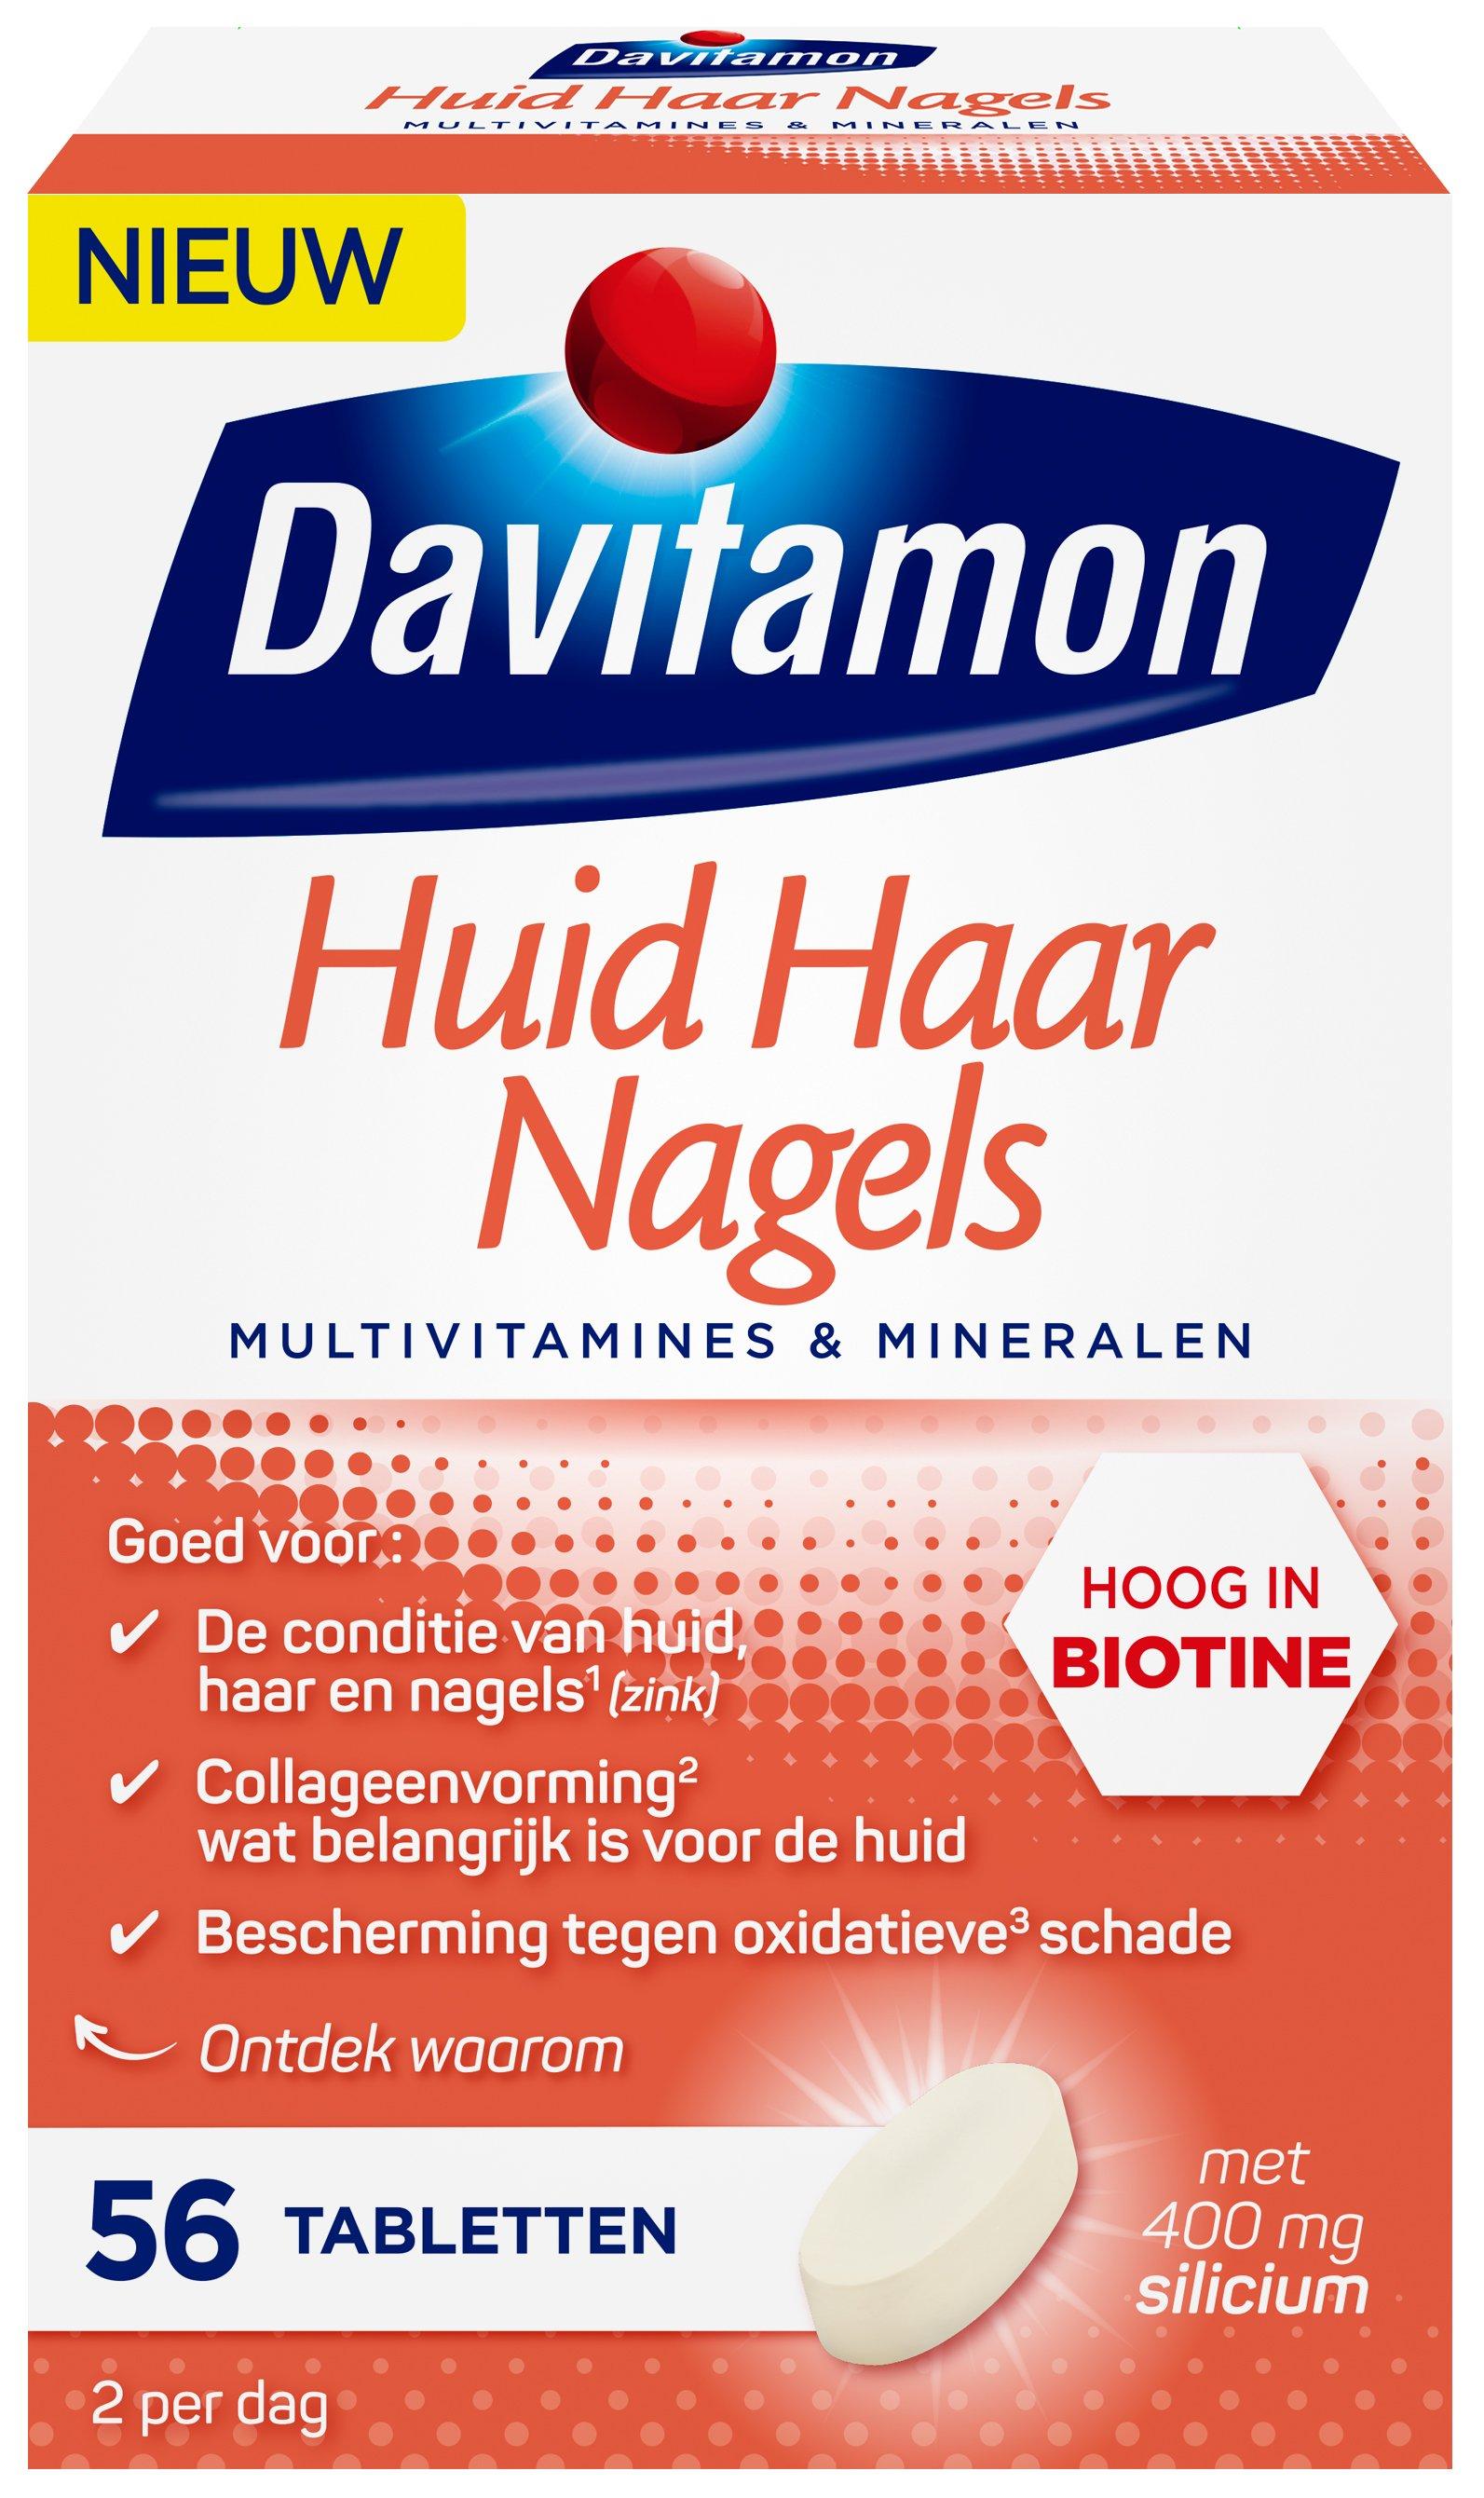 Davitamon Huid Haar Nagels Tabletten Verpakking